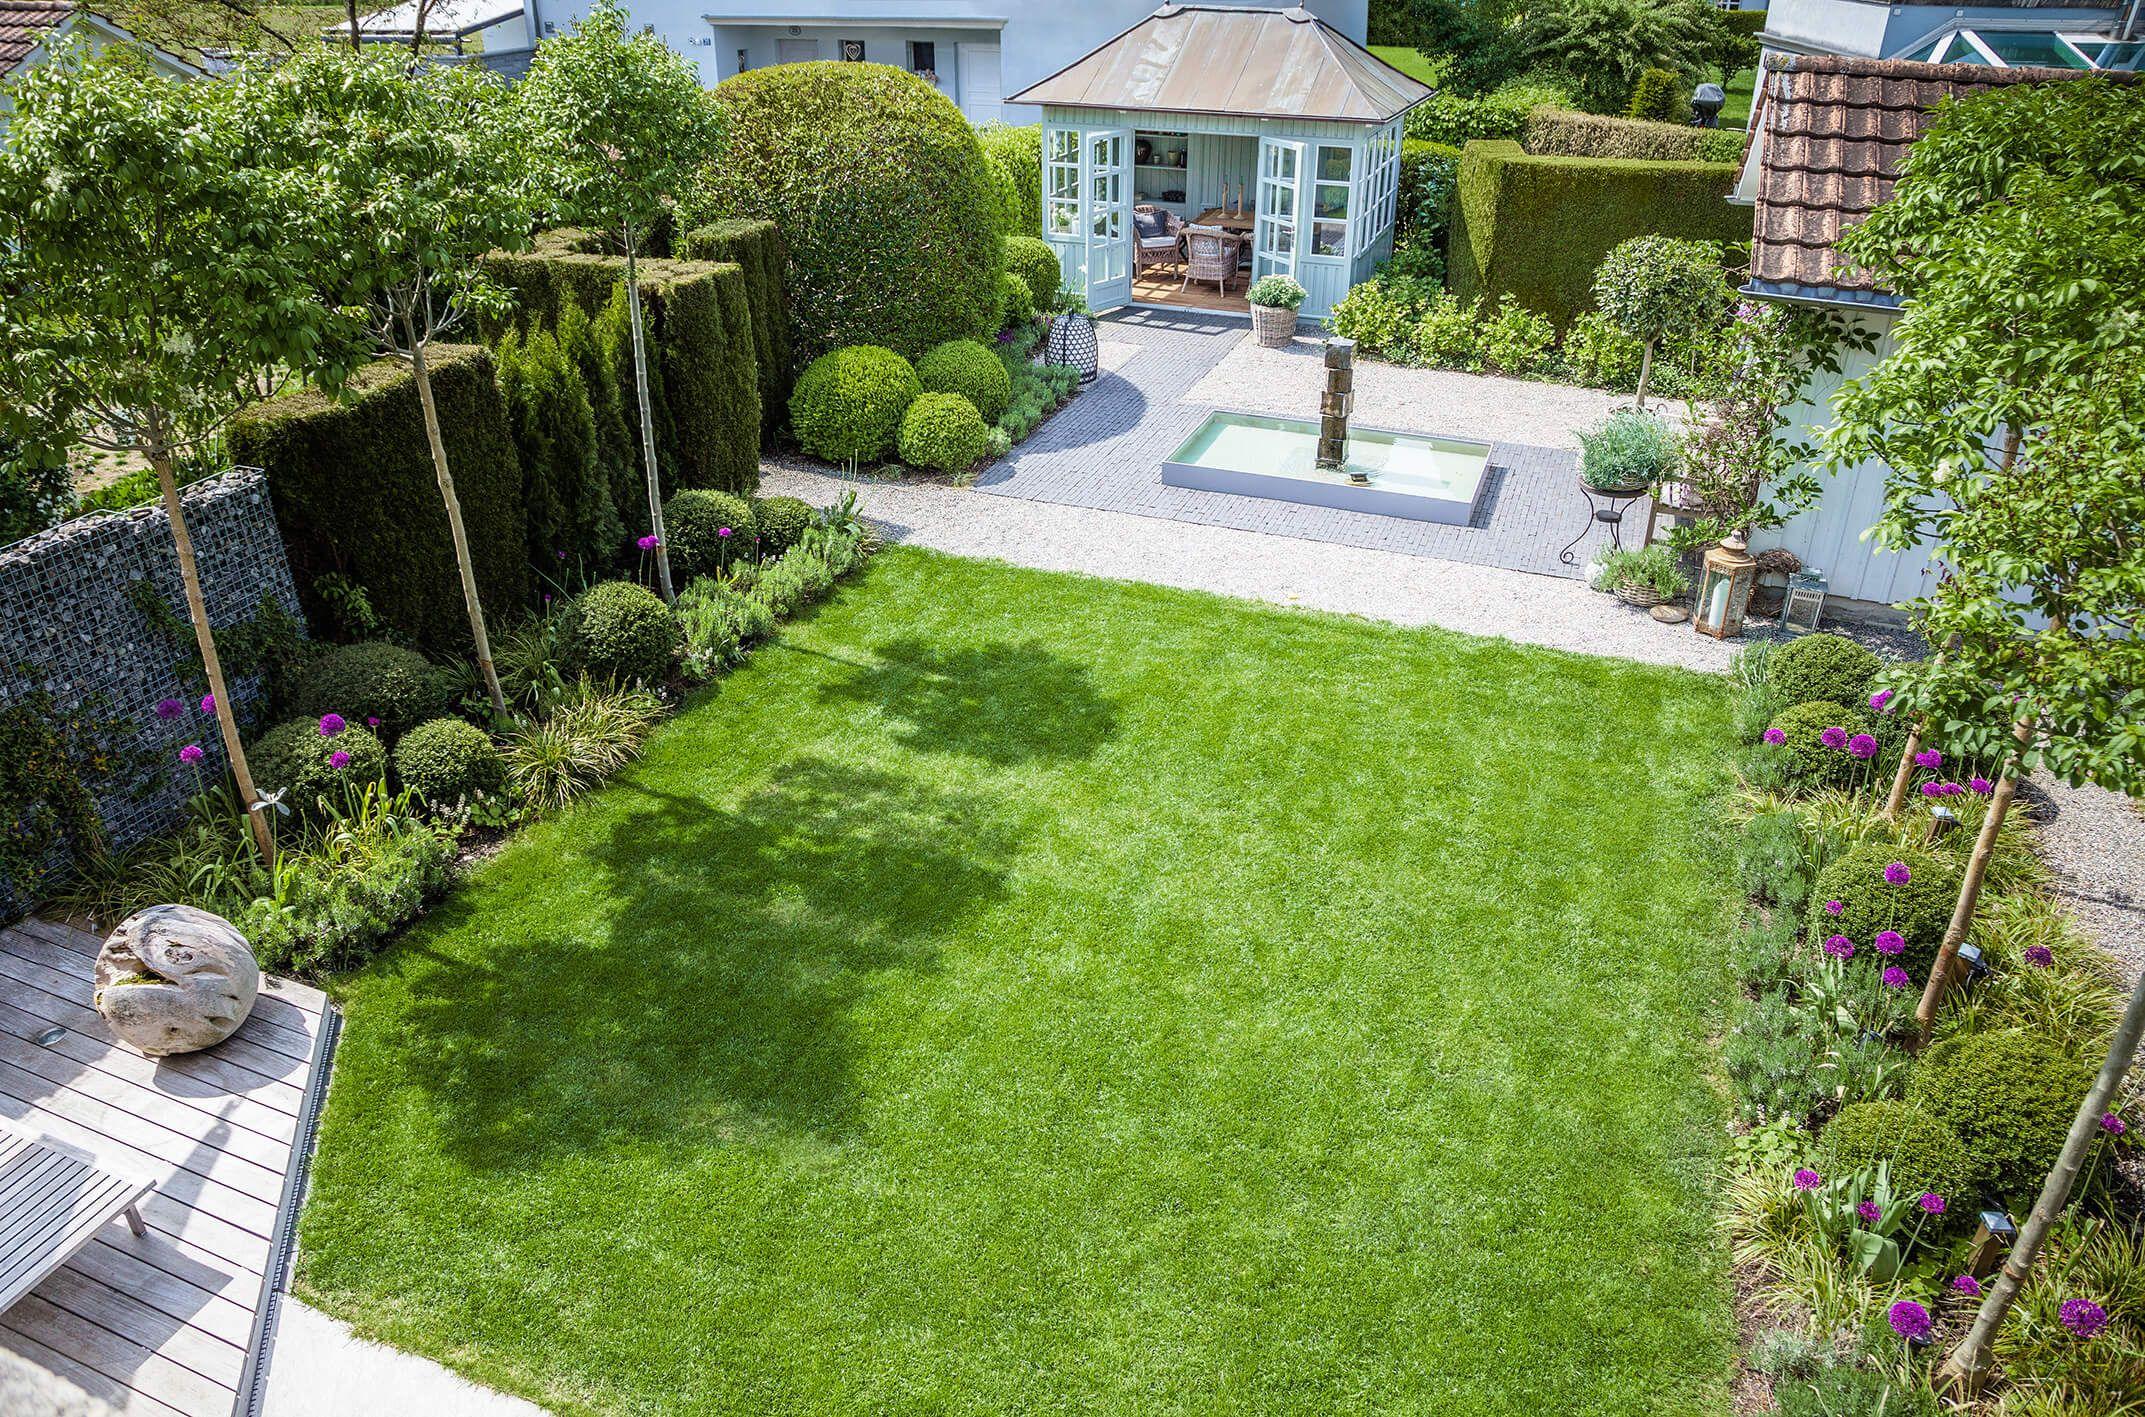 Kleiner garten small garden idea belgisch englischer gartenstil parc 39 s gartengestaltung - Kleiner garten ...